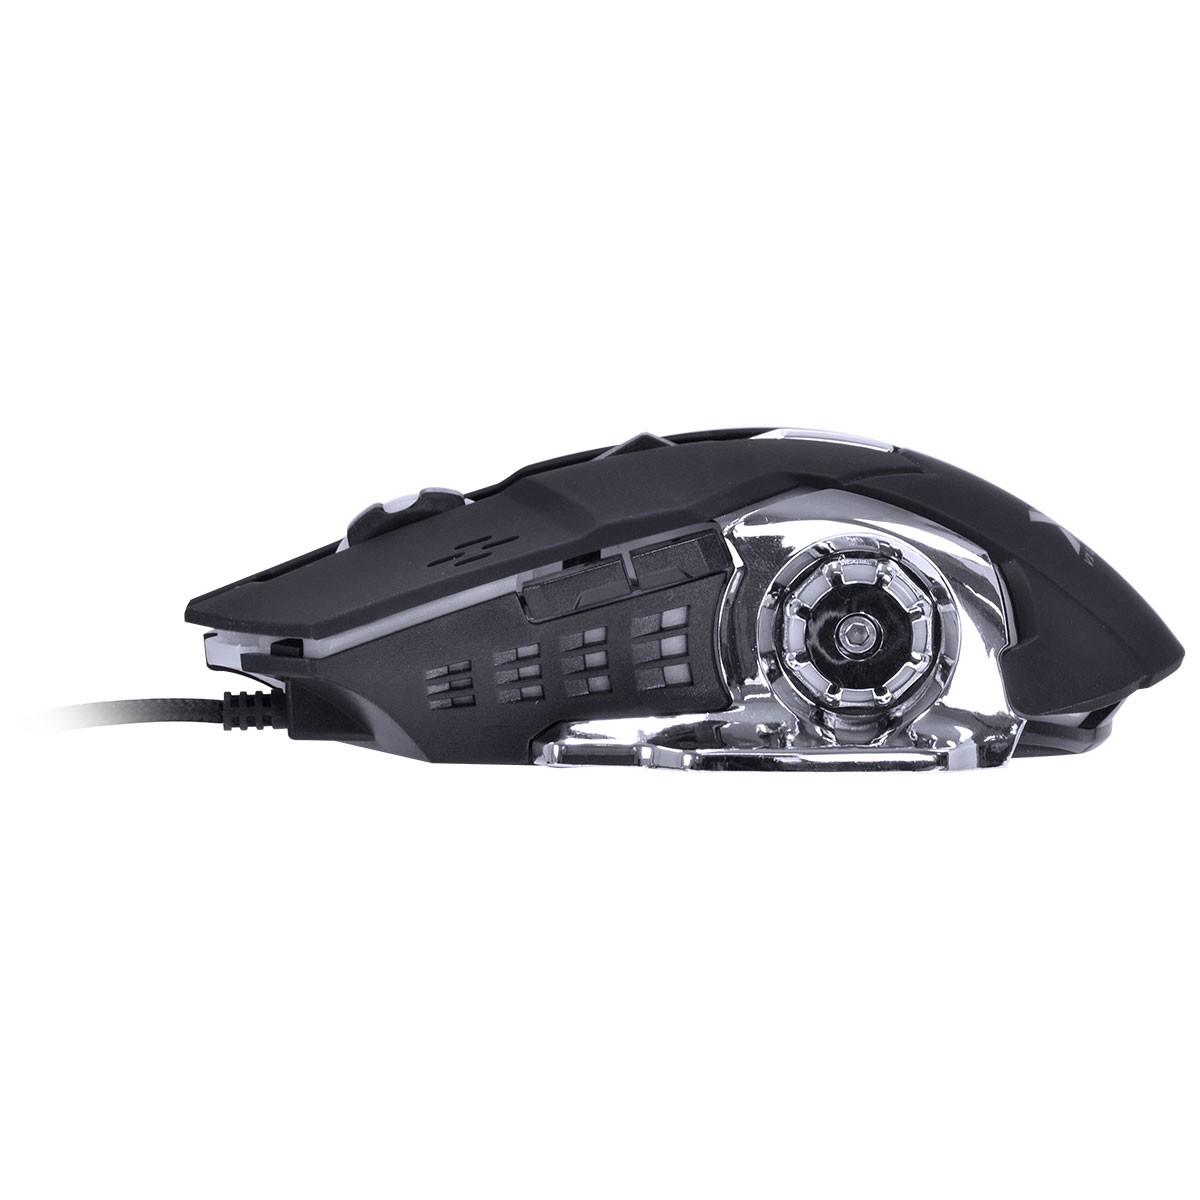 COMBO GAMER VX GAMING GRIFO TECLADO + MOUSE 2400 DPI LED USB CABO 1.8 METROS AZUL – VGC-01A